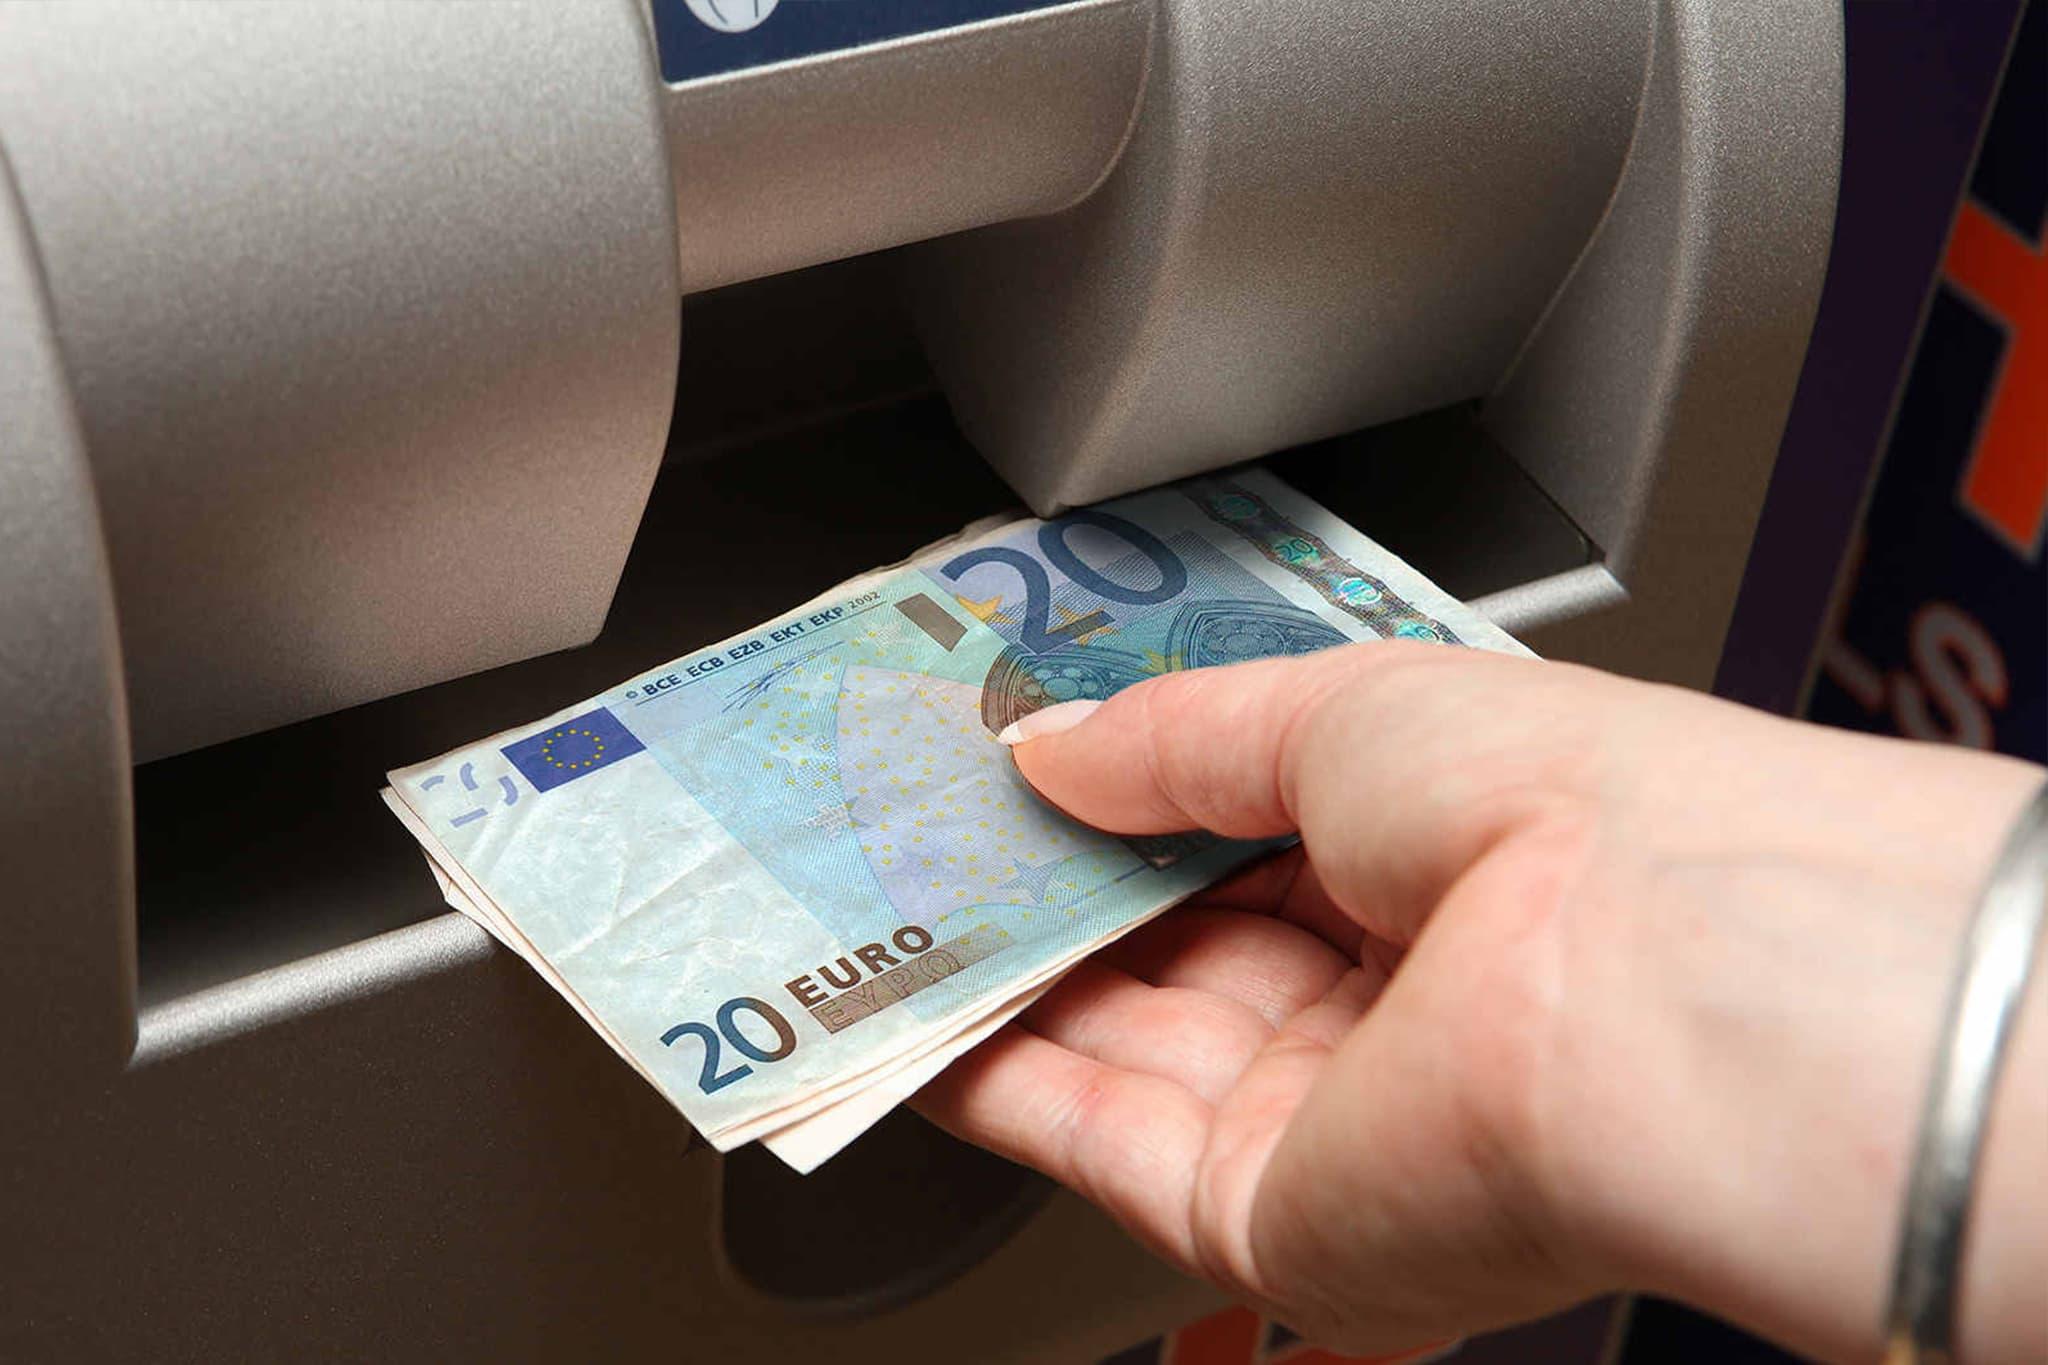 Na hora do saque em um caixa automático estrangeiro, certifique-se que está escolhendo a opção débito ao invés de crédito.